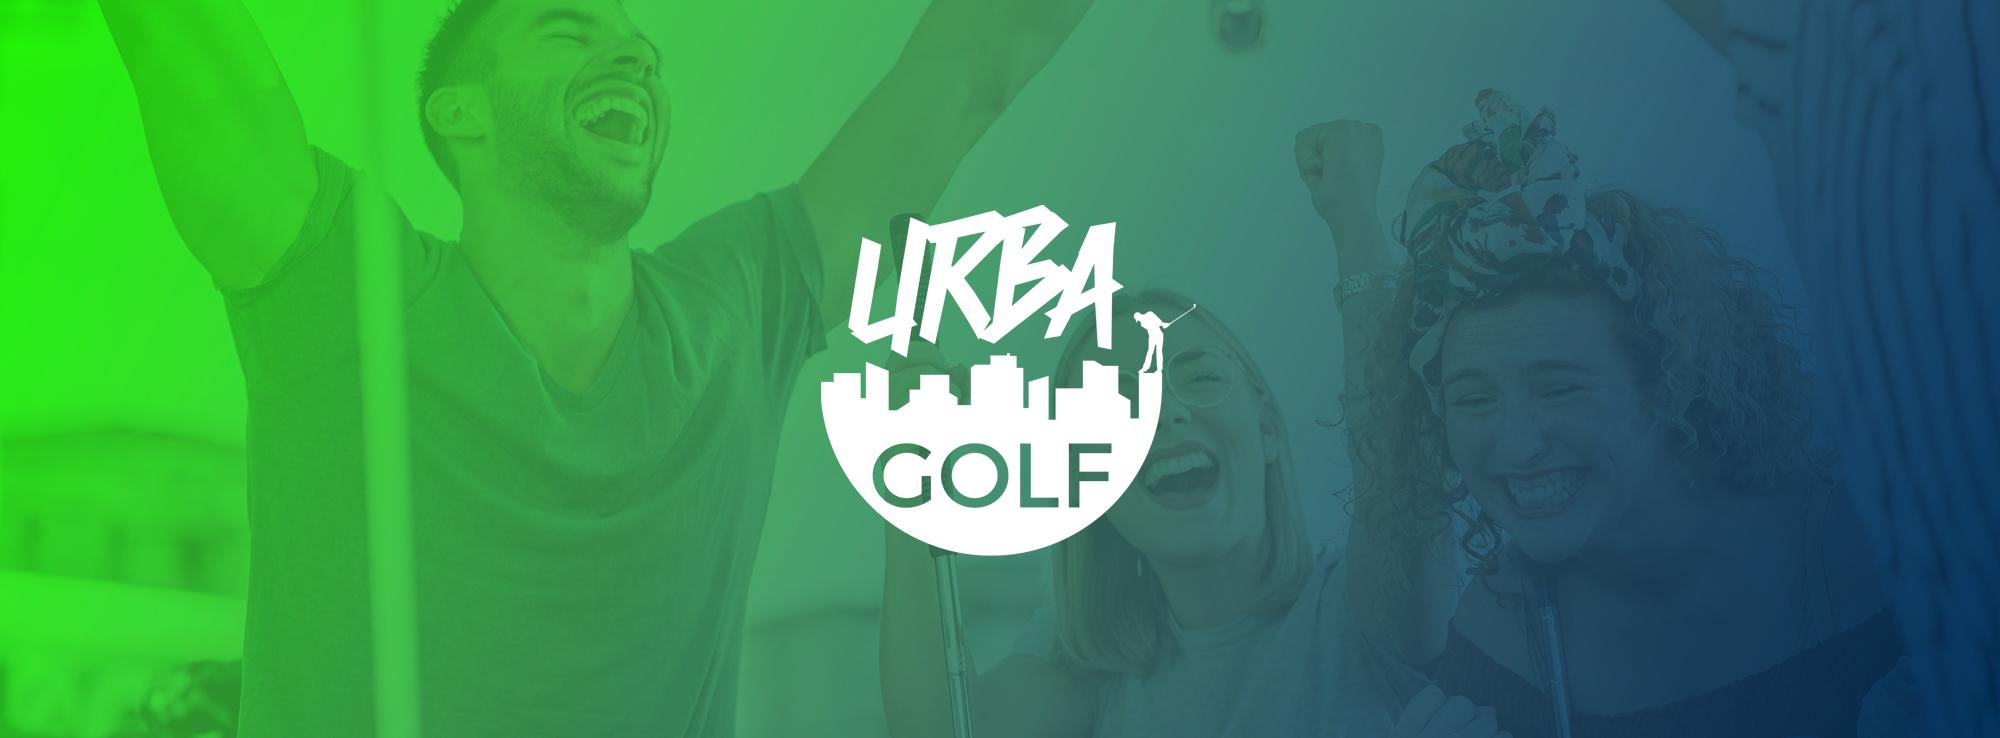 URBA Golf